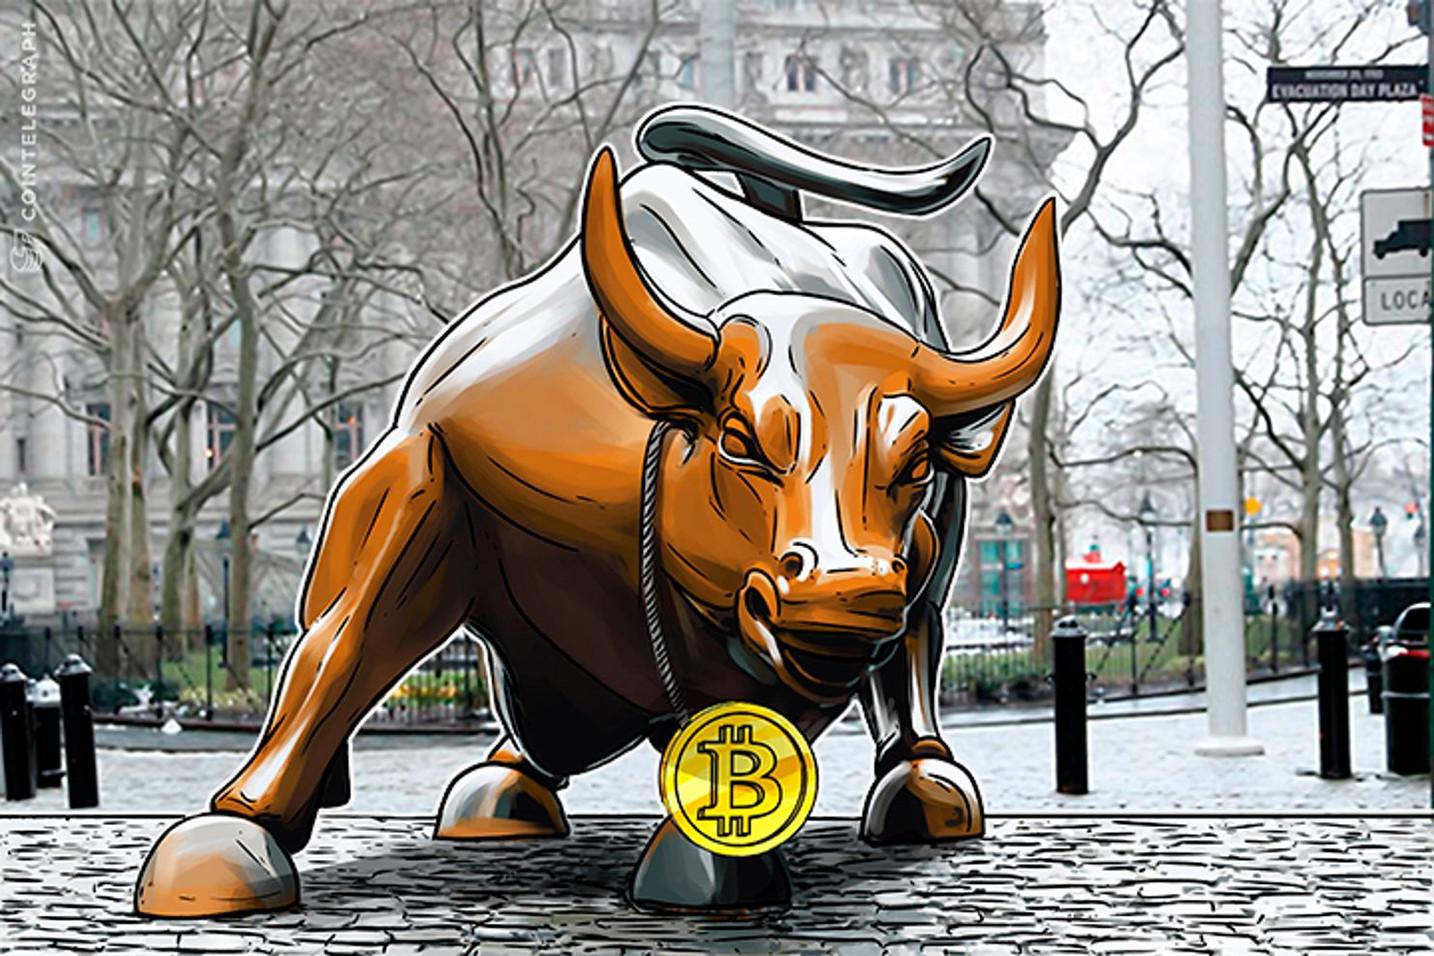 ビットコインは「9000ドルまで上昇する可能性高い」 仮想通貨アナリストが強気パターンを指摘